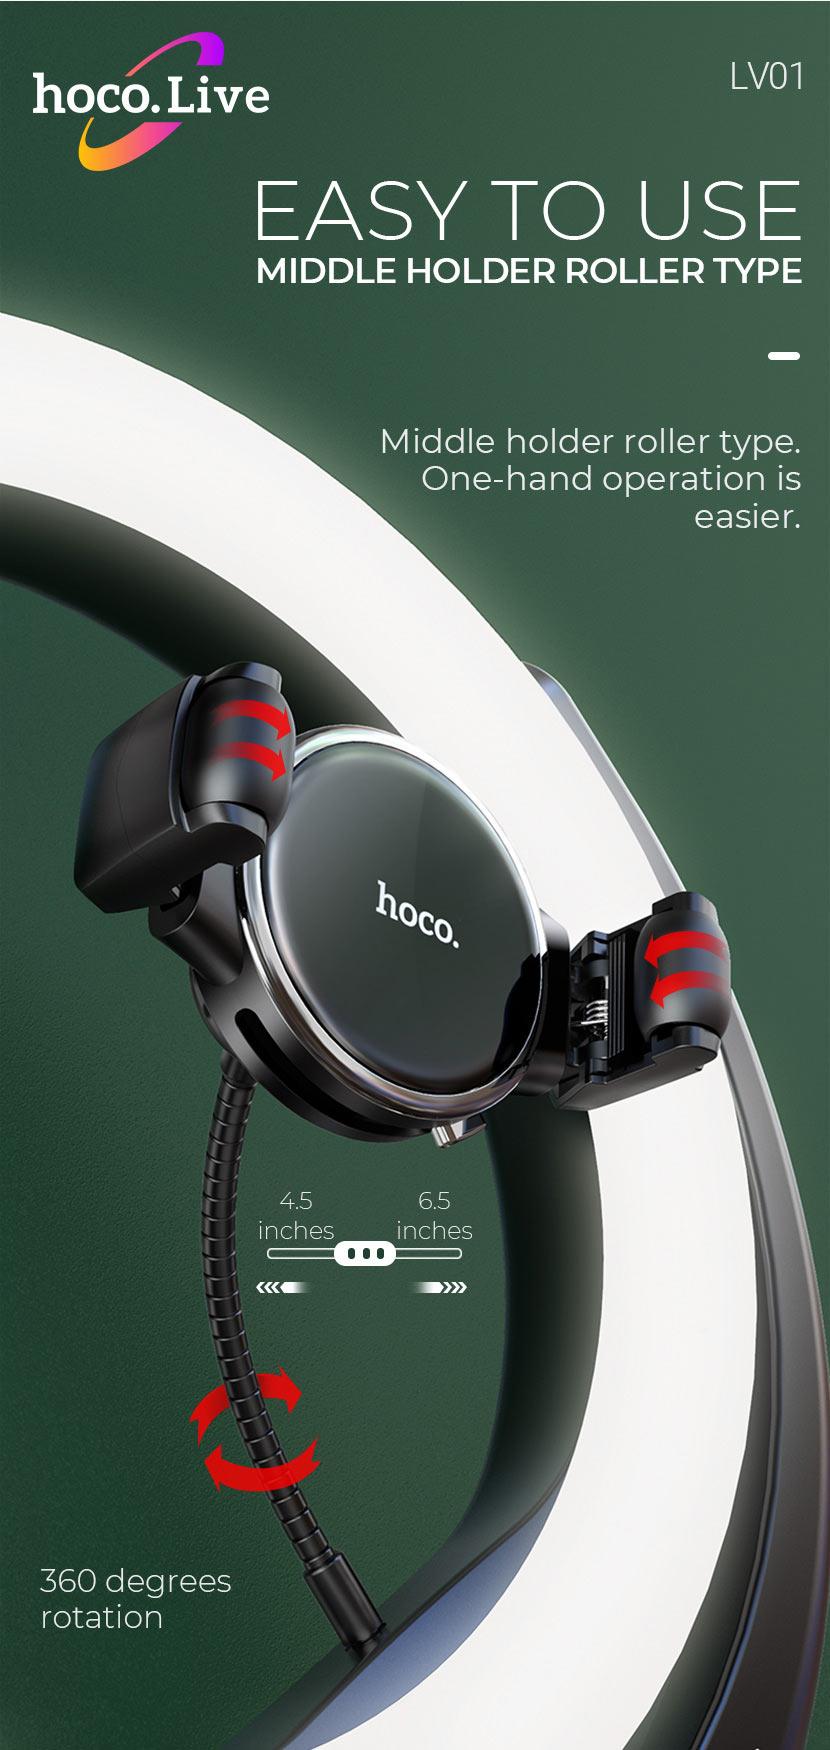 hoco news lv01 rouge desktop fill light live broadcast stand roller en